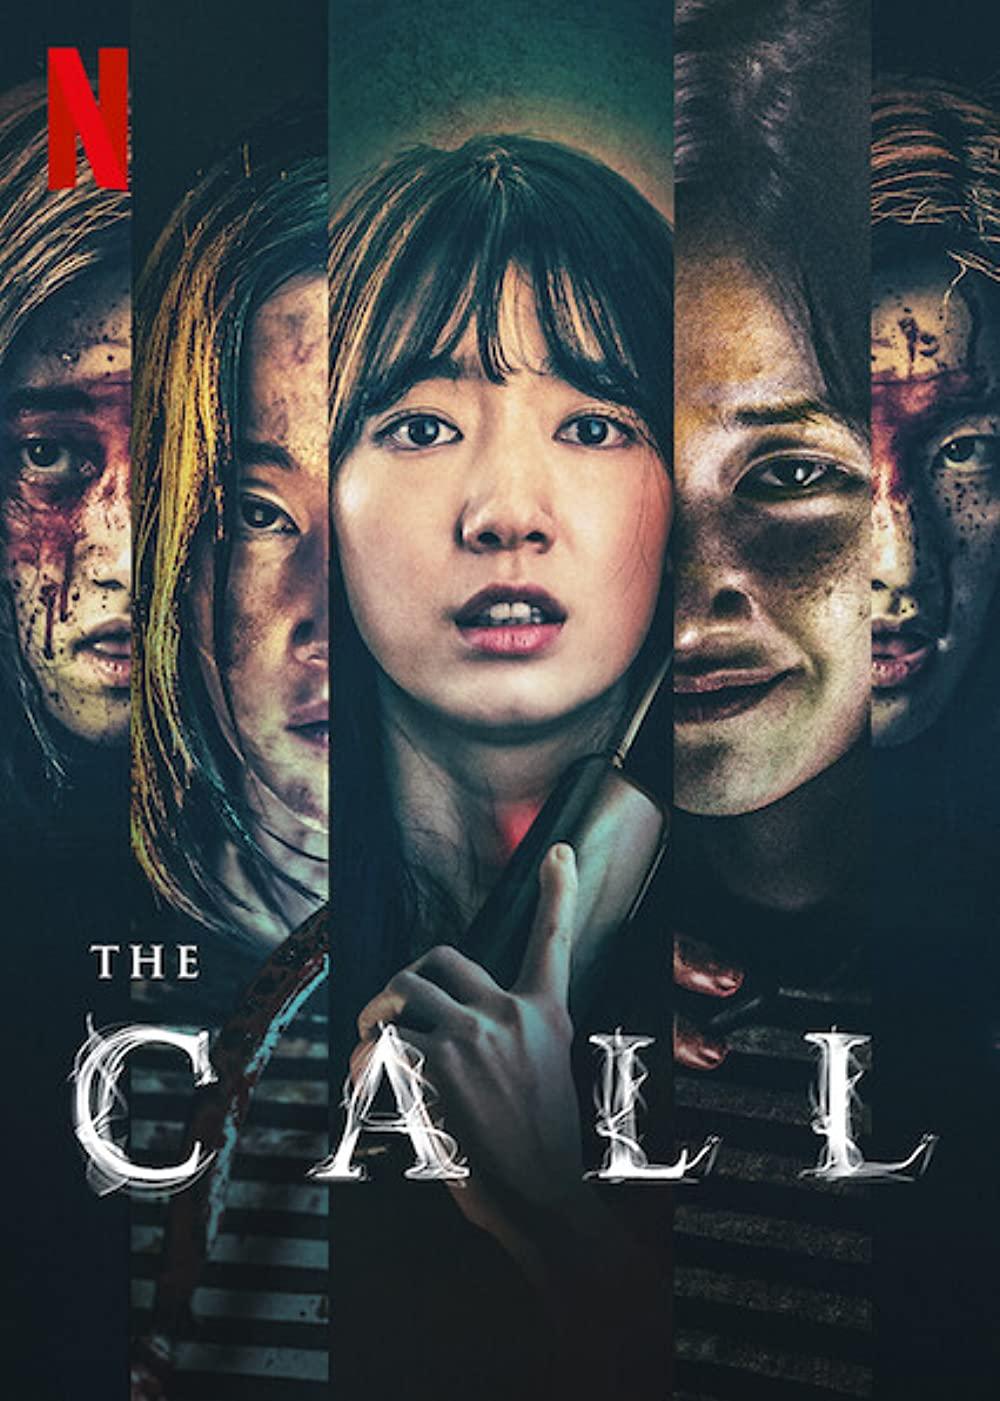 Reseña: The Call - 10mo Círculo | Reseñas de Cine de Horror